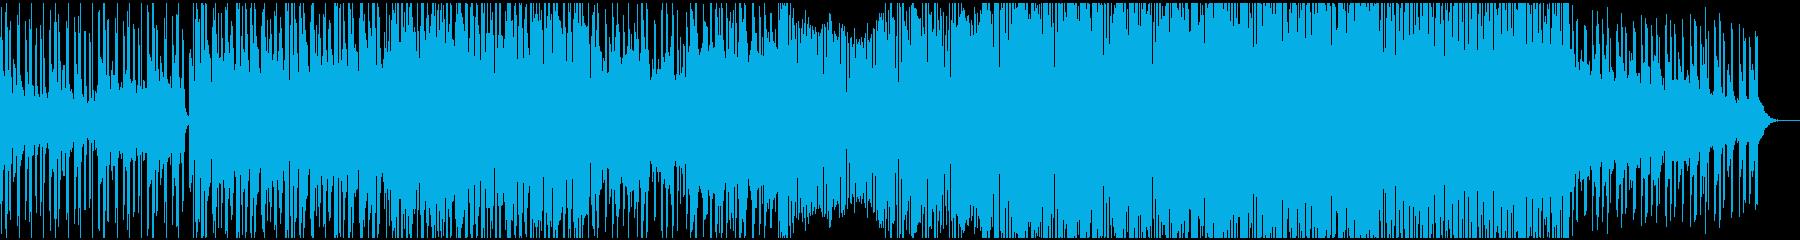 クールドラマティックなフューチャービートの再生済みの波形